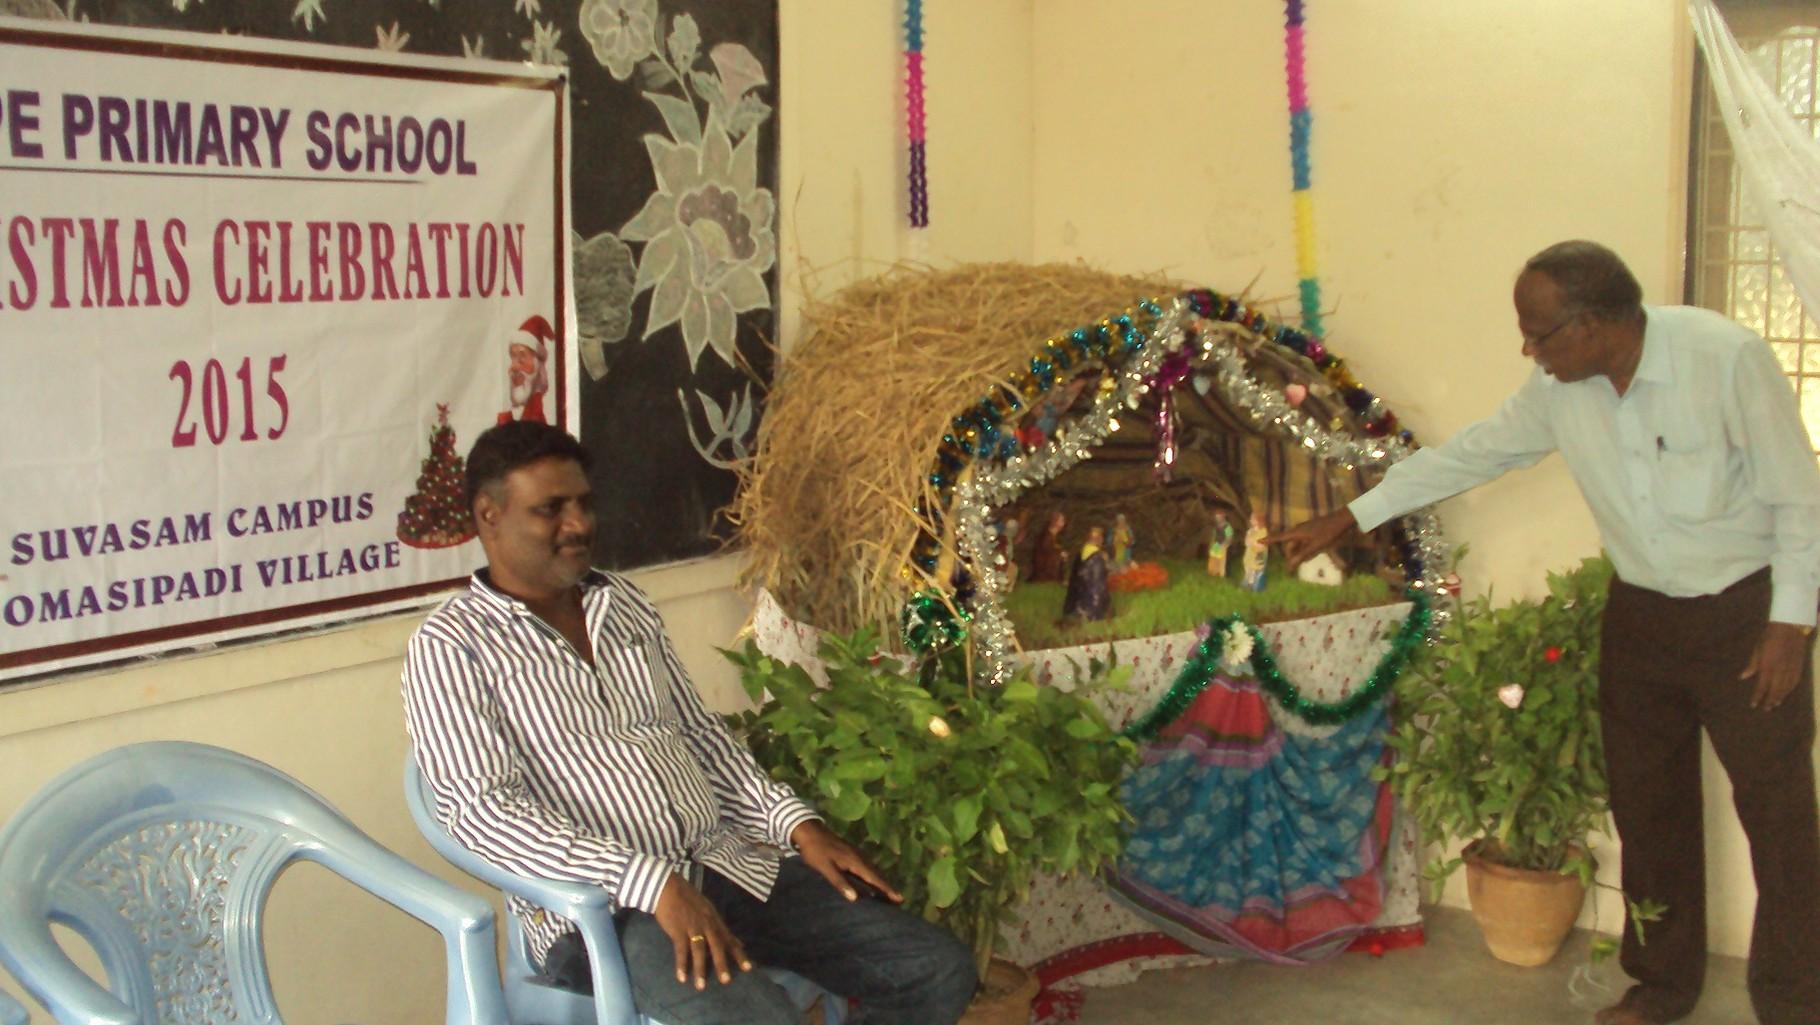 Noël 2015 à Suvasam